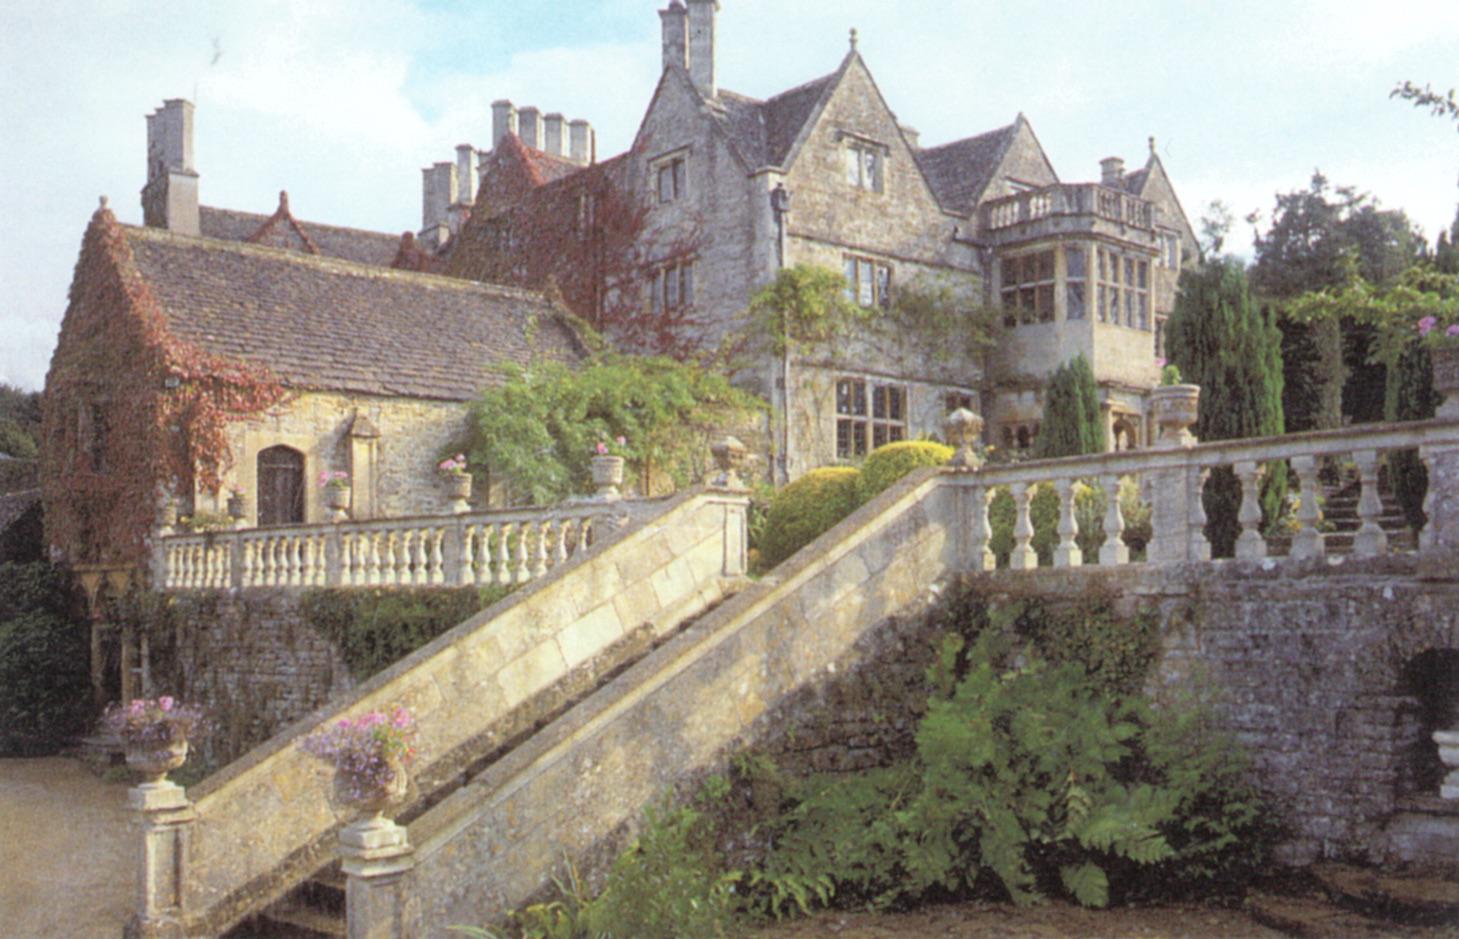 St. Catherine's Court